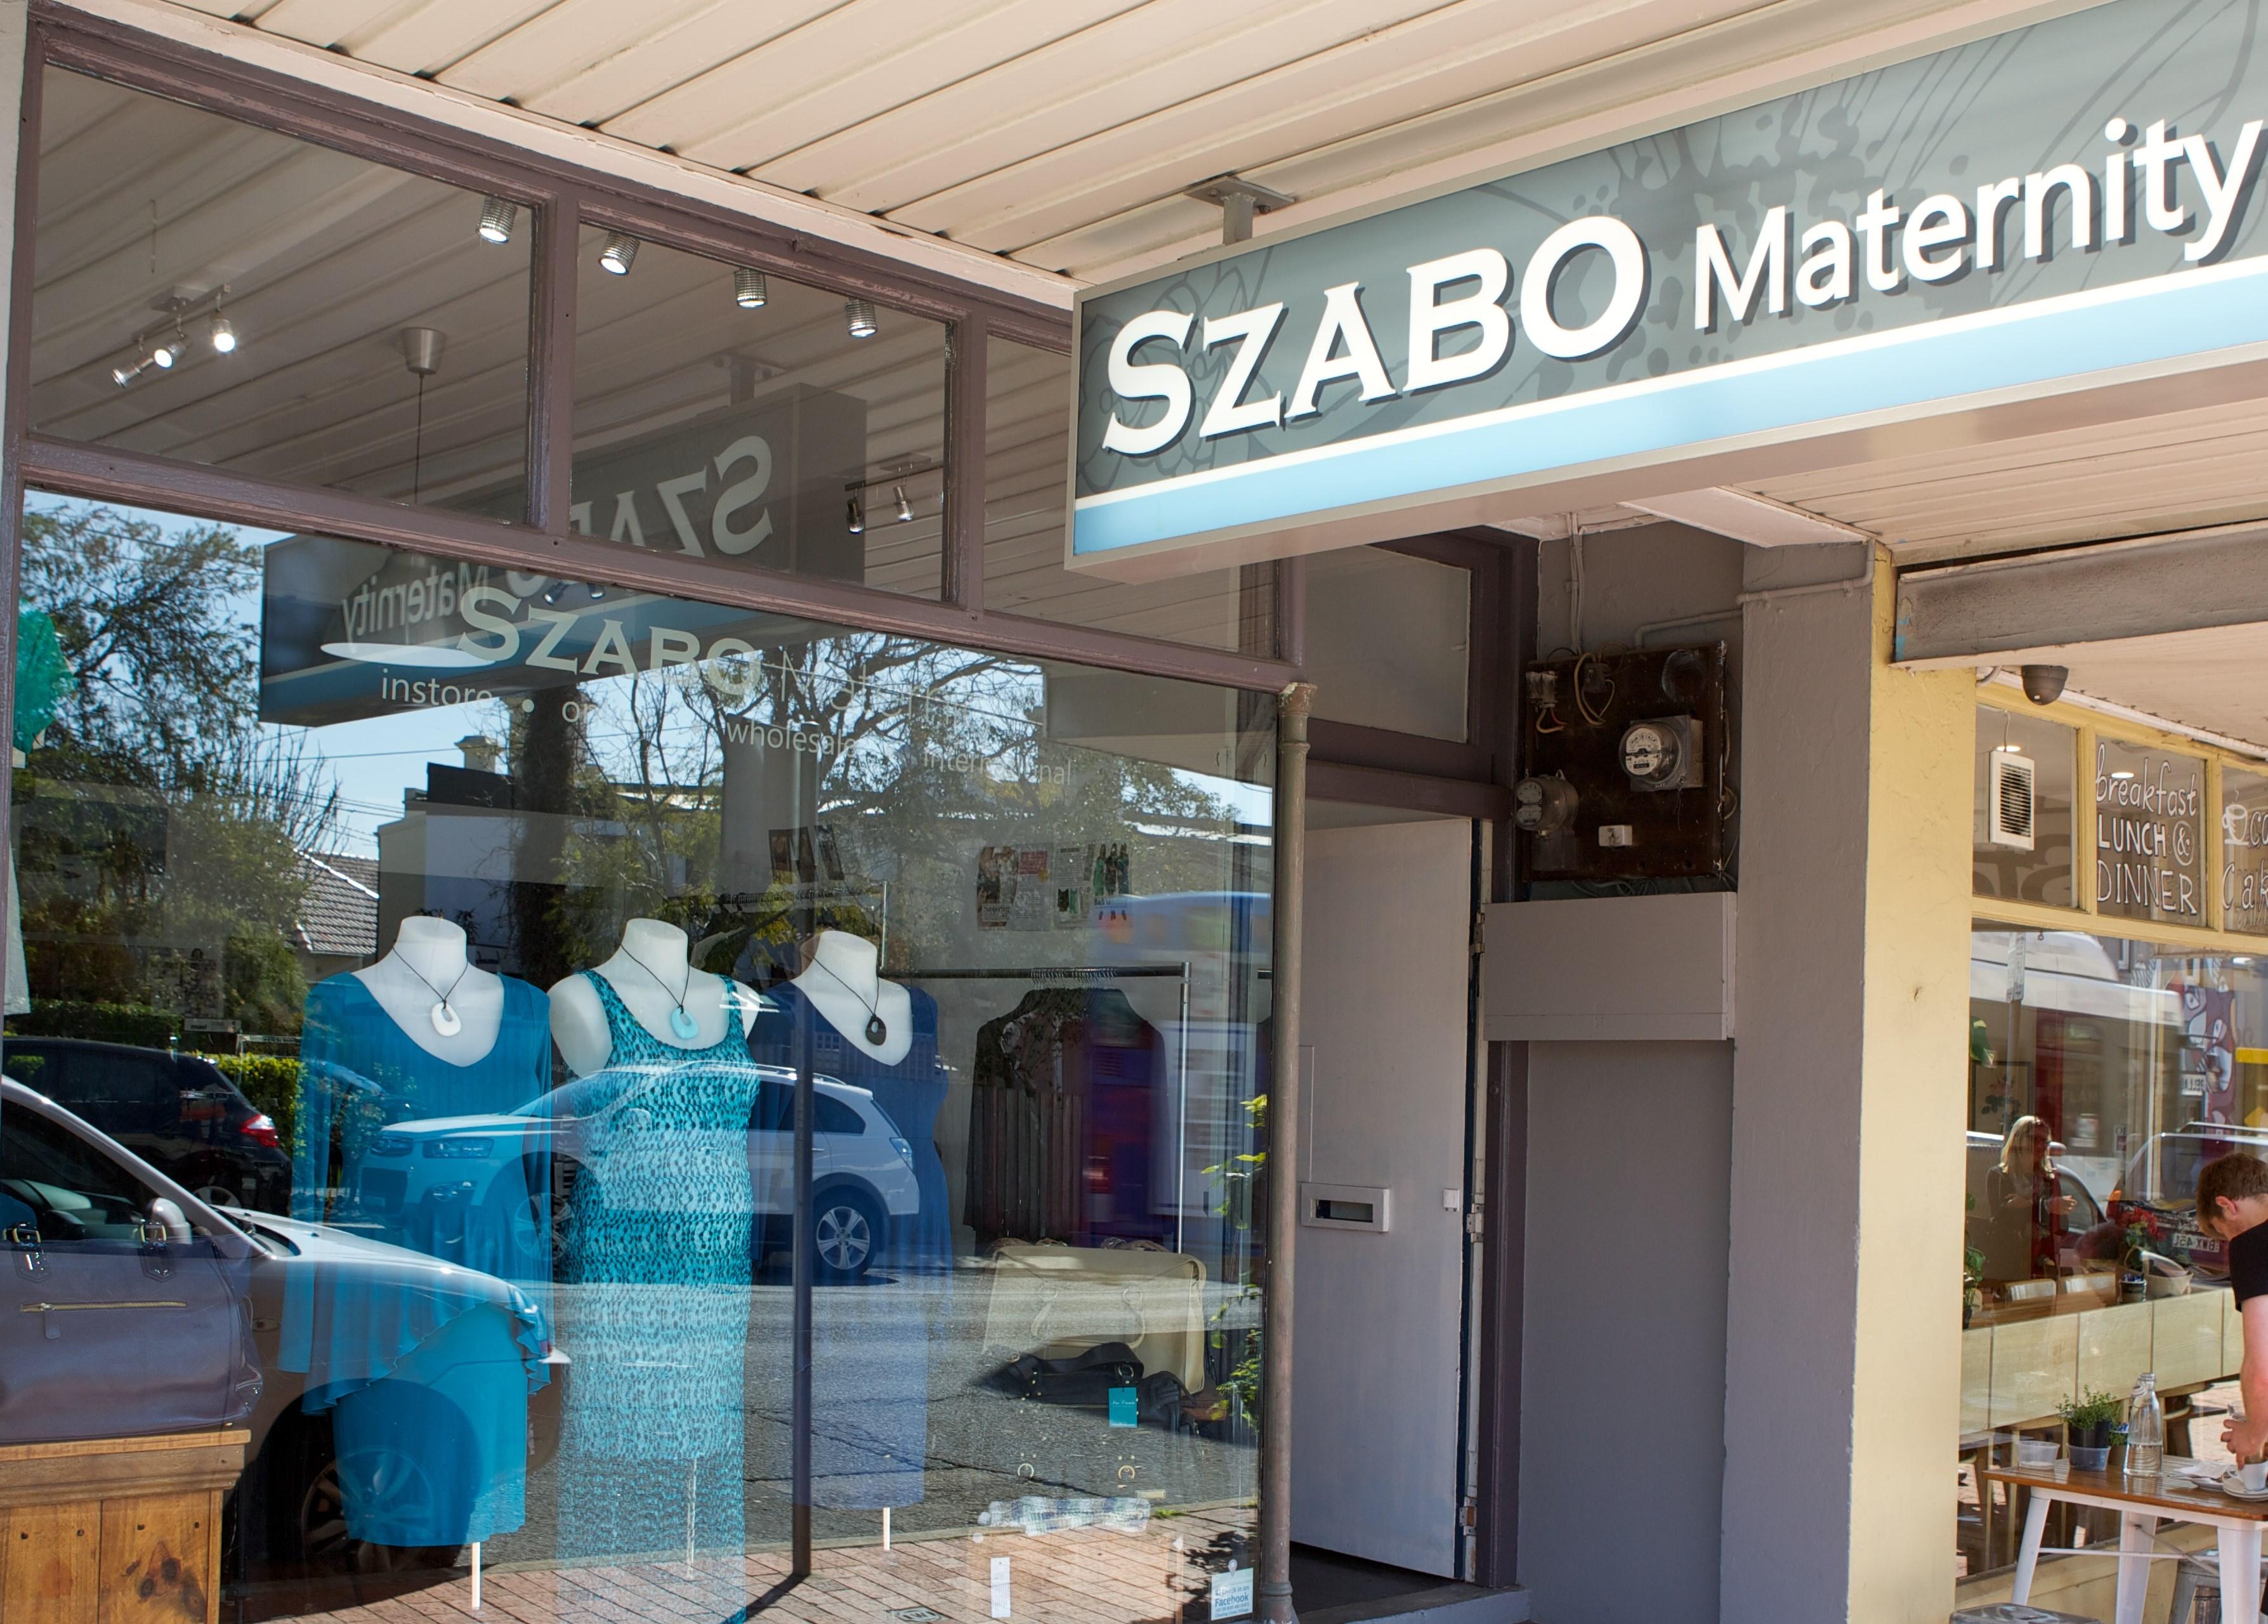 A day @ Szabo Maternity